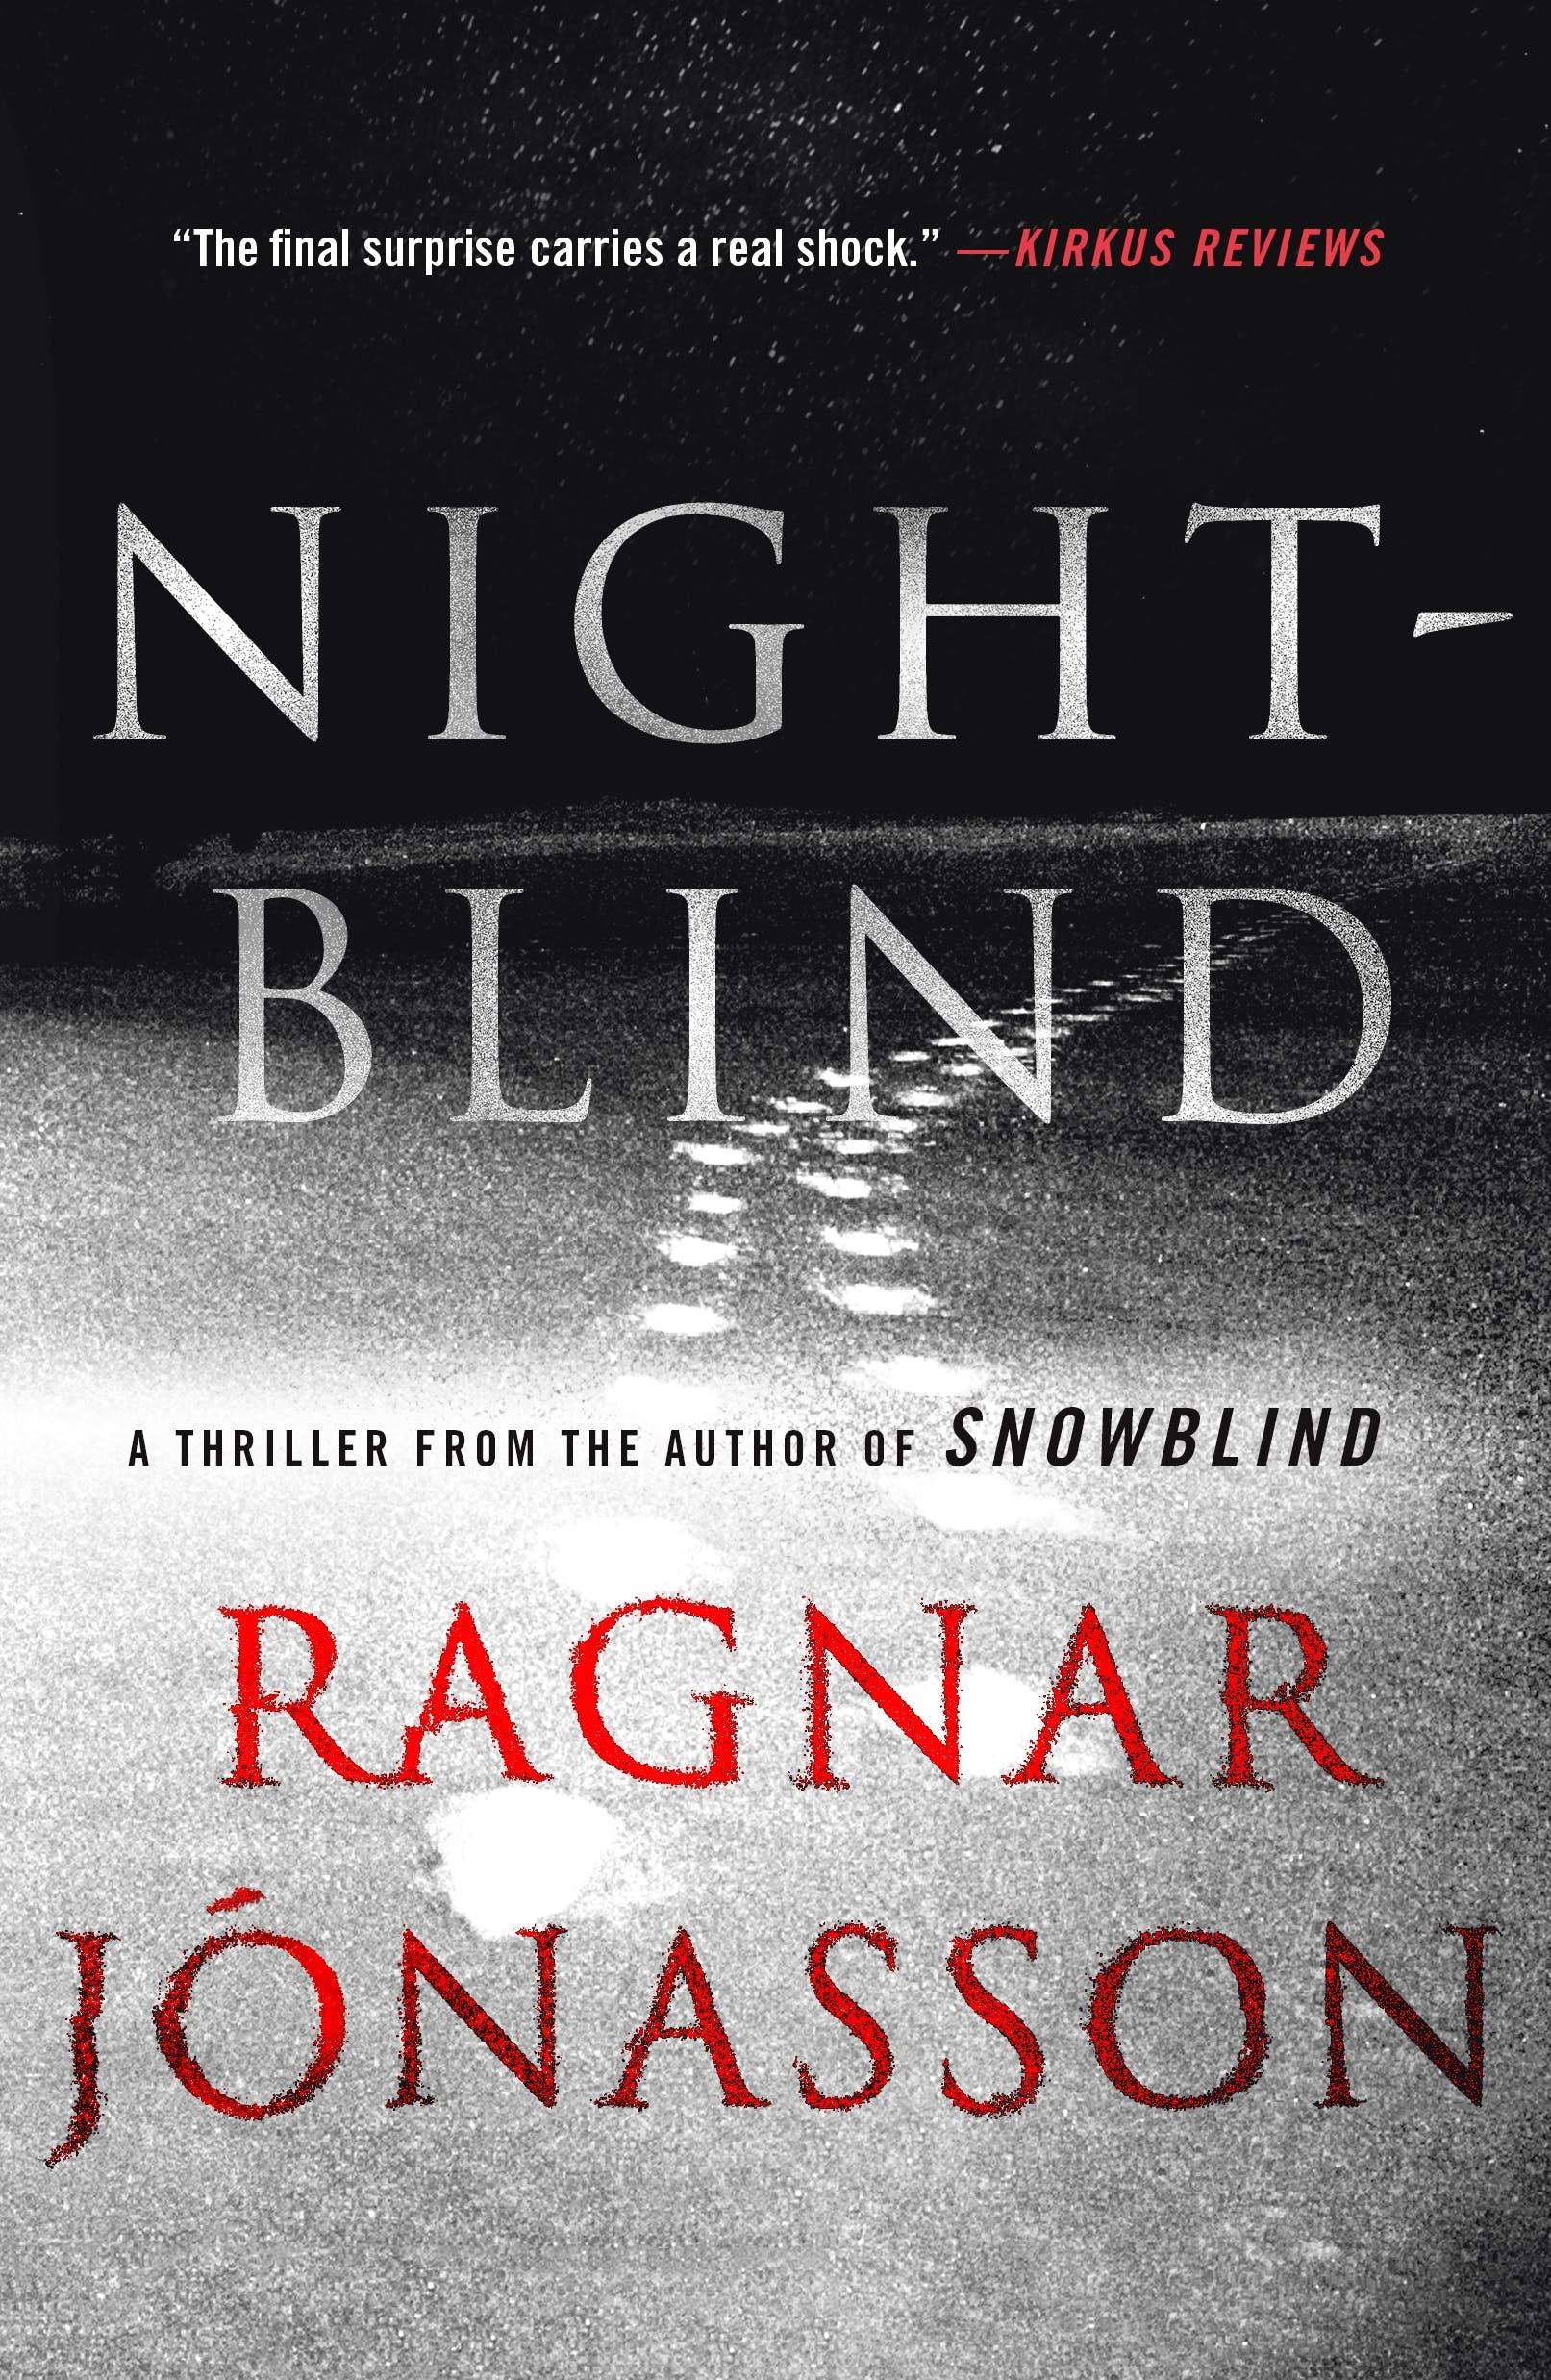 Image of Nightblind